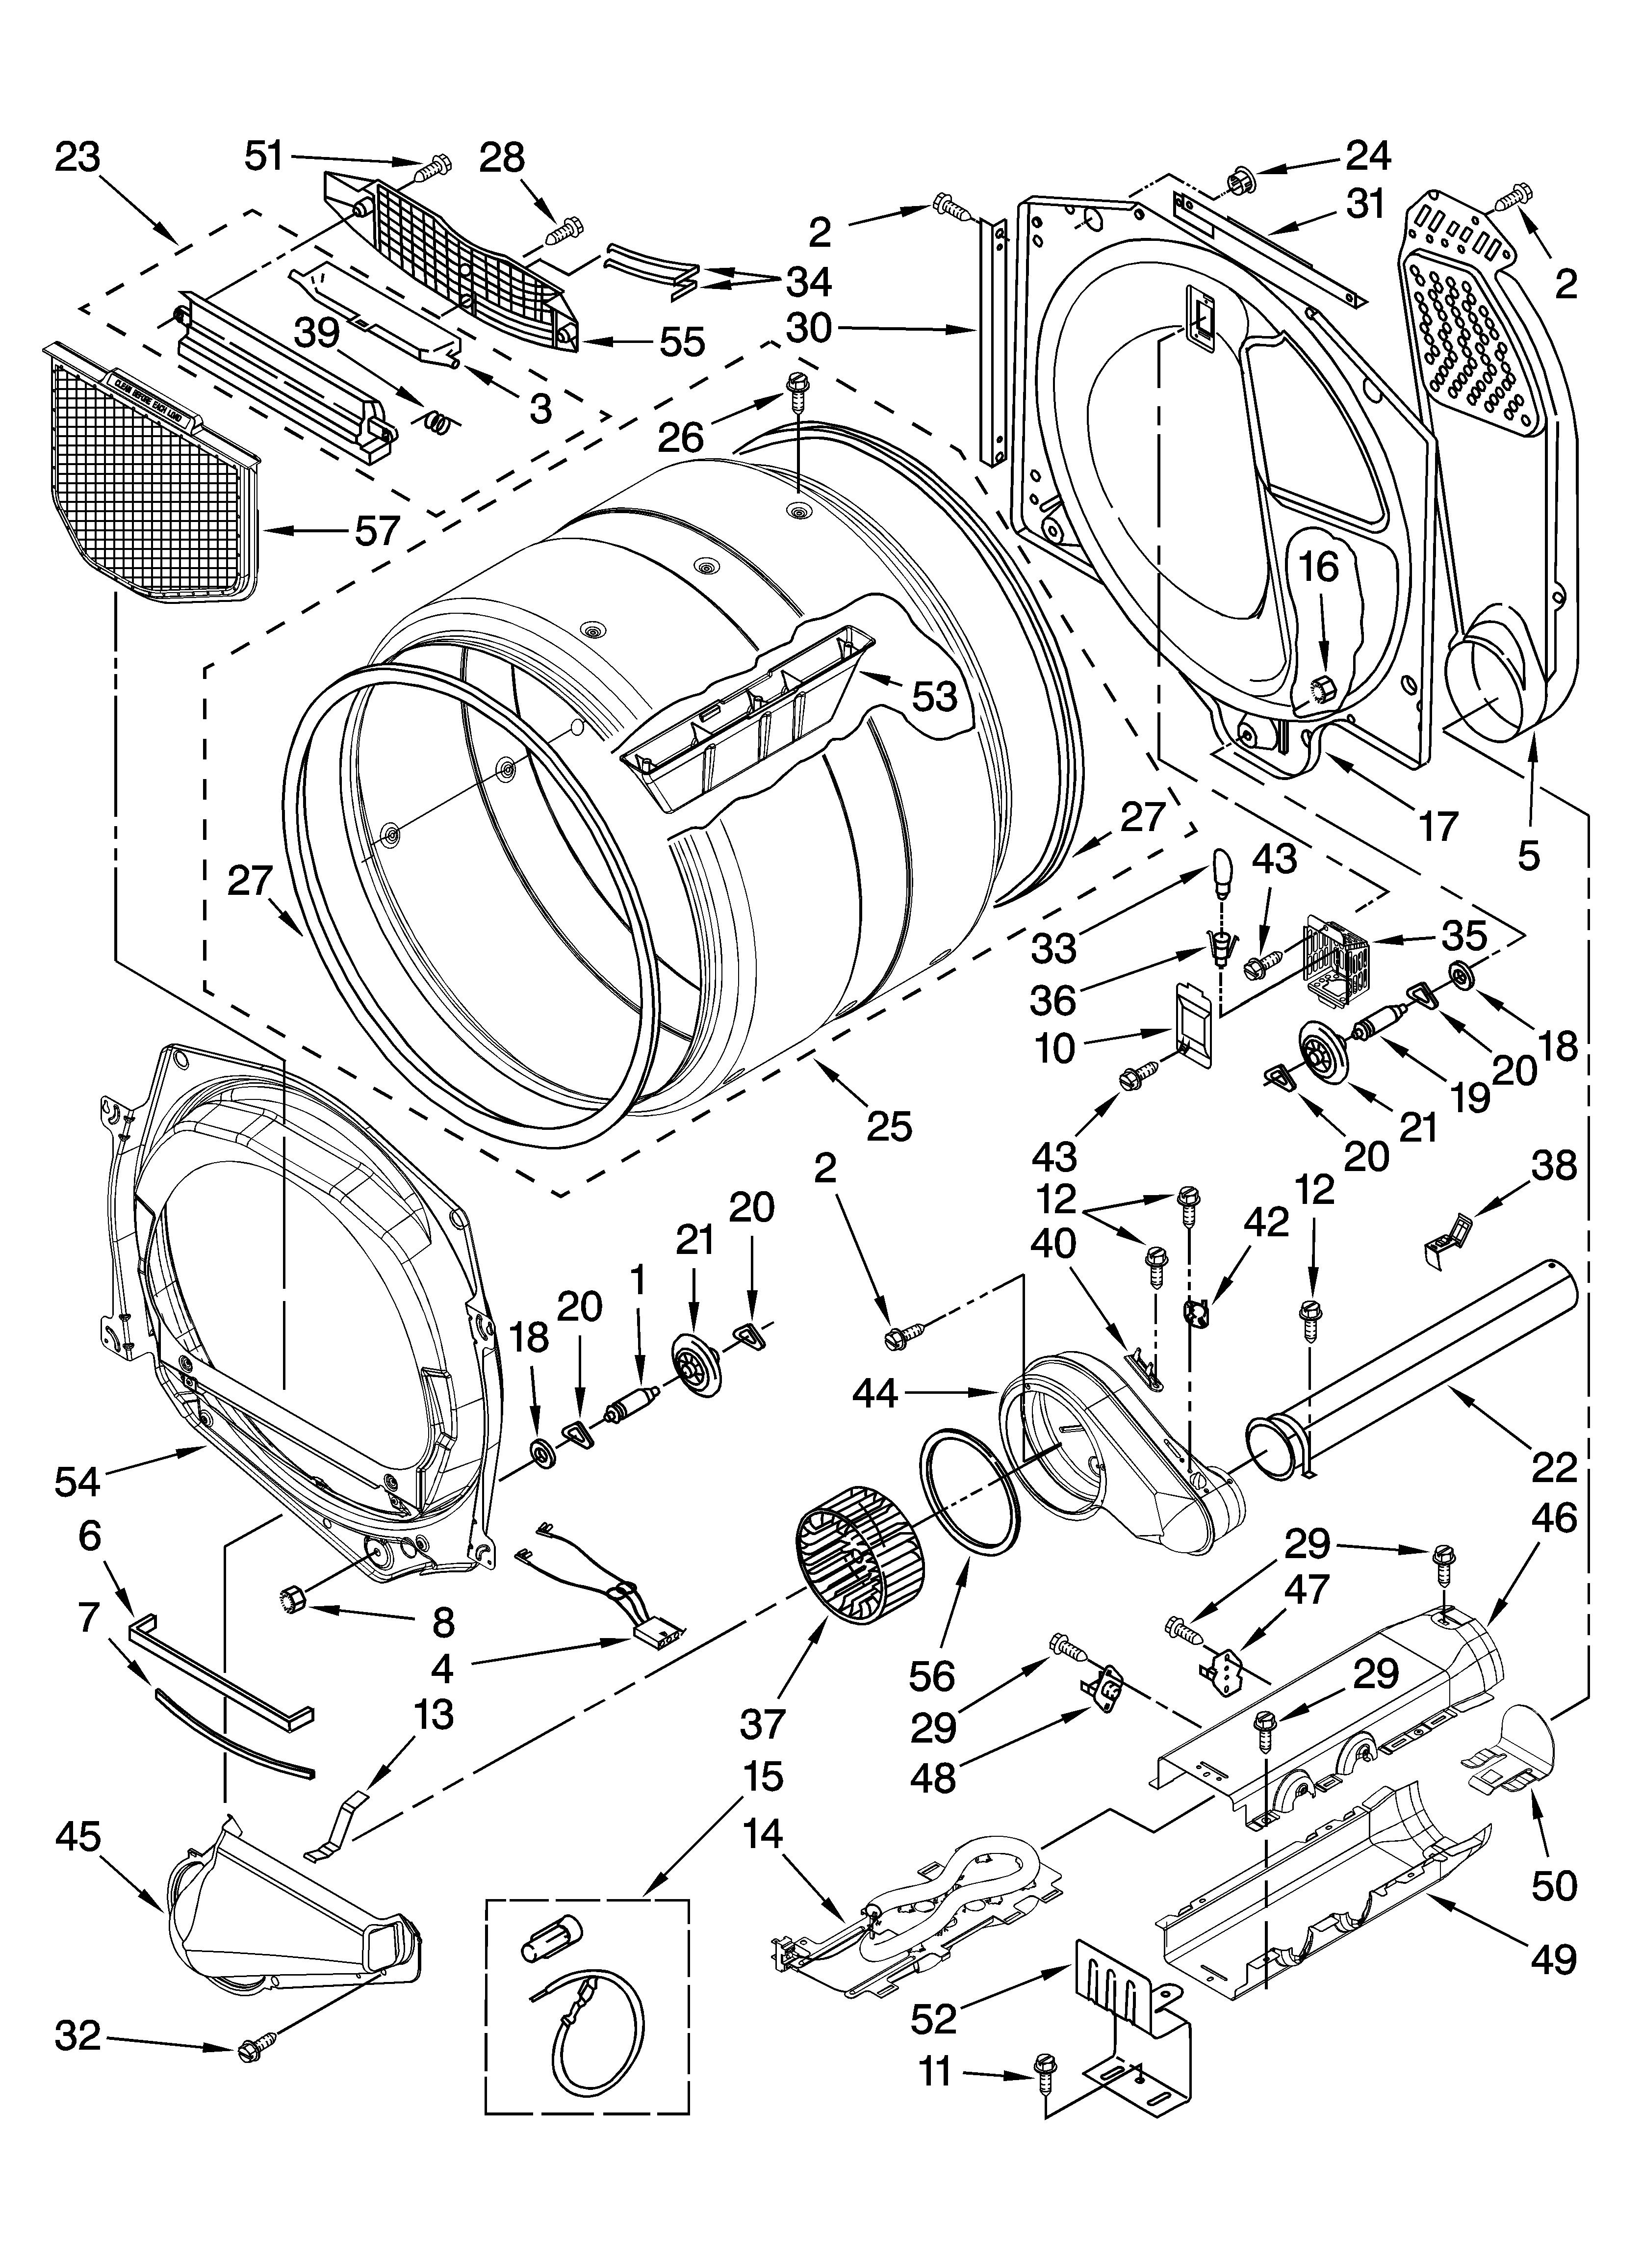 BULKHEAD PARTS Diagram & Parts List for Model medz400tq1